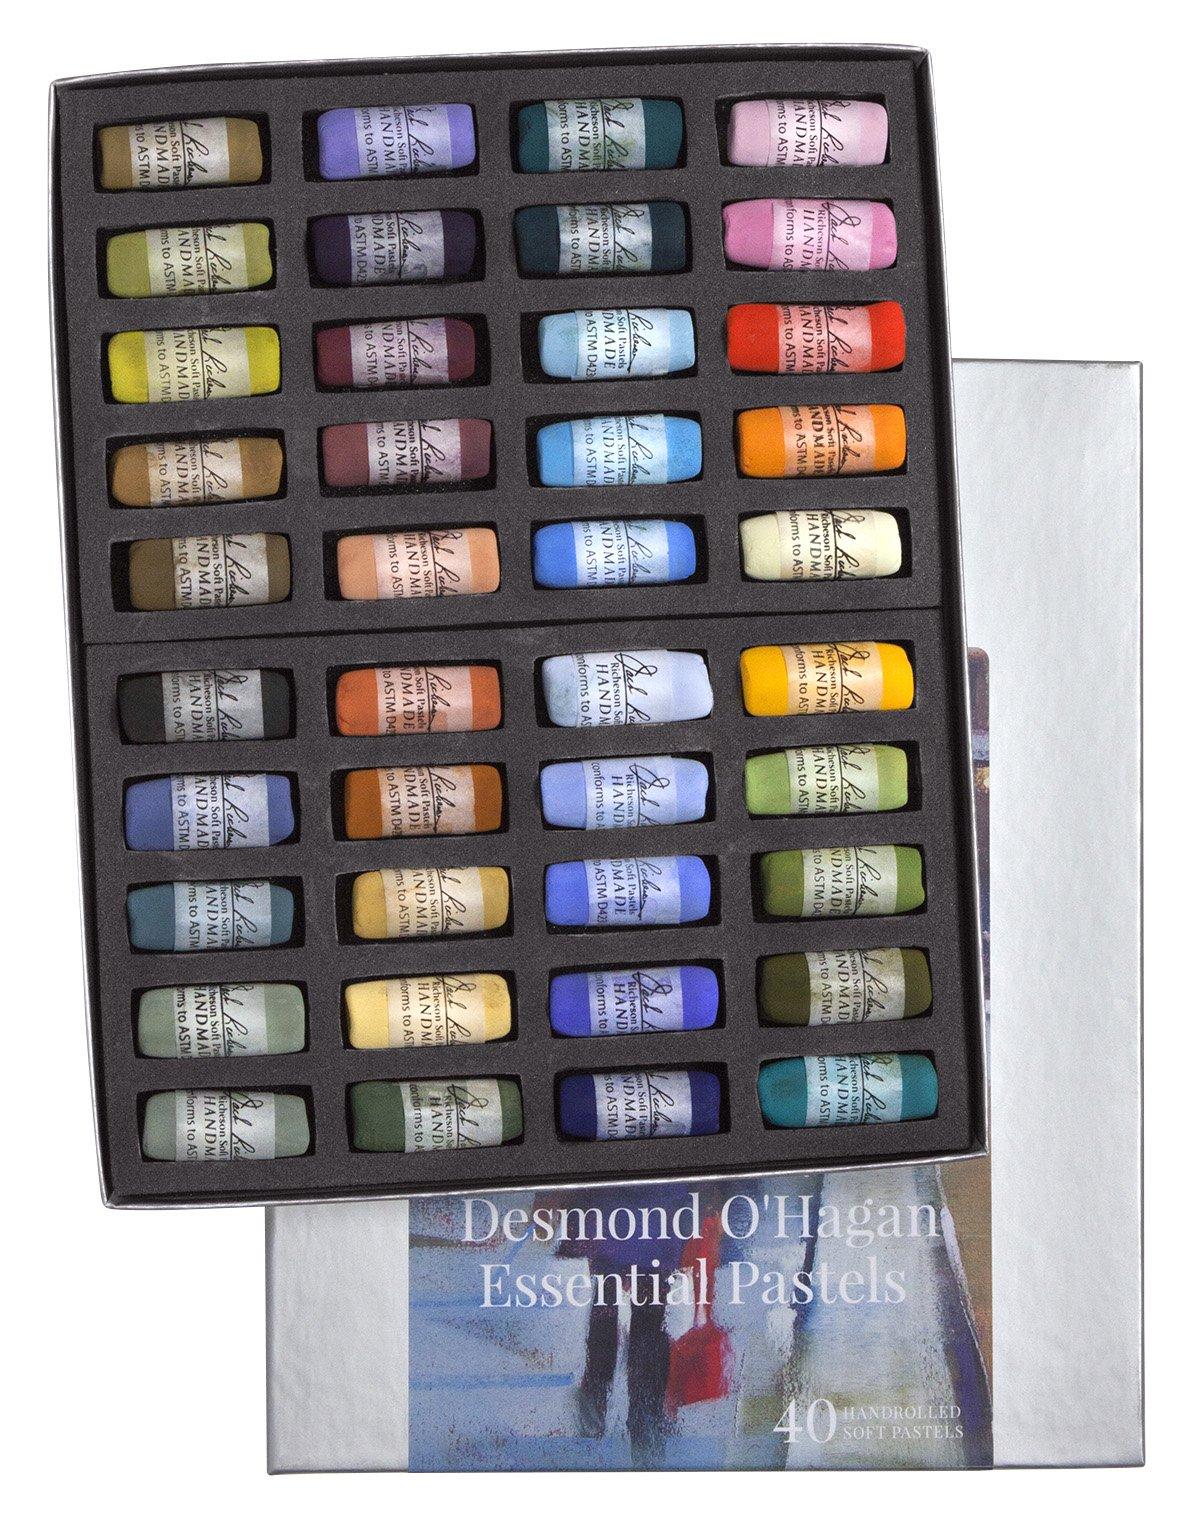 Desmond O'Hagan DOH01 Essential Pastel (Set of 40) by Desmond O'Hagan